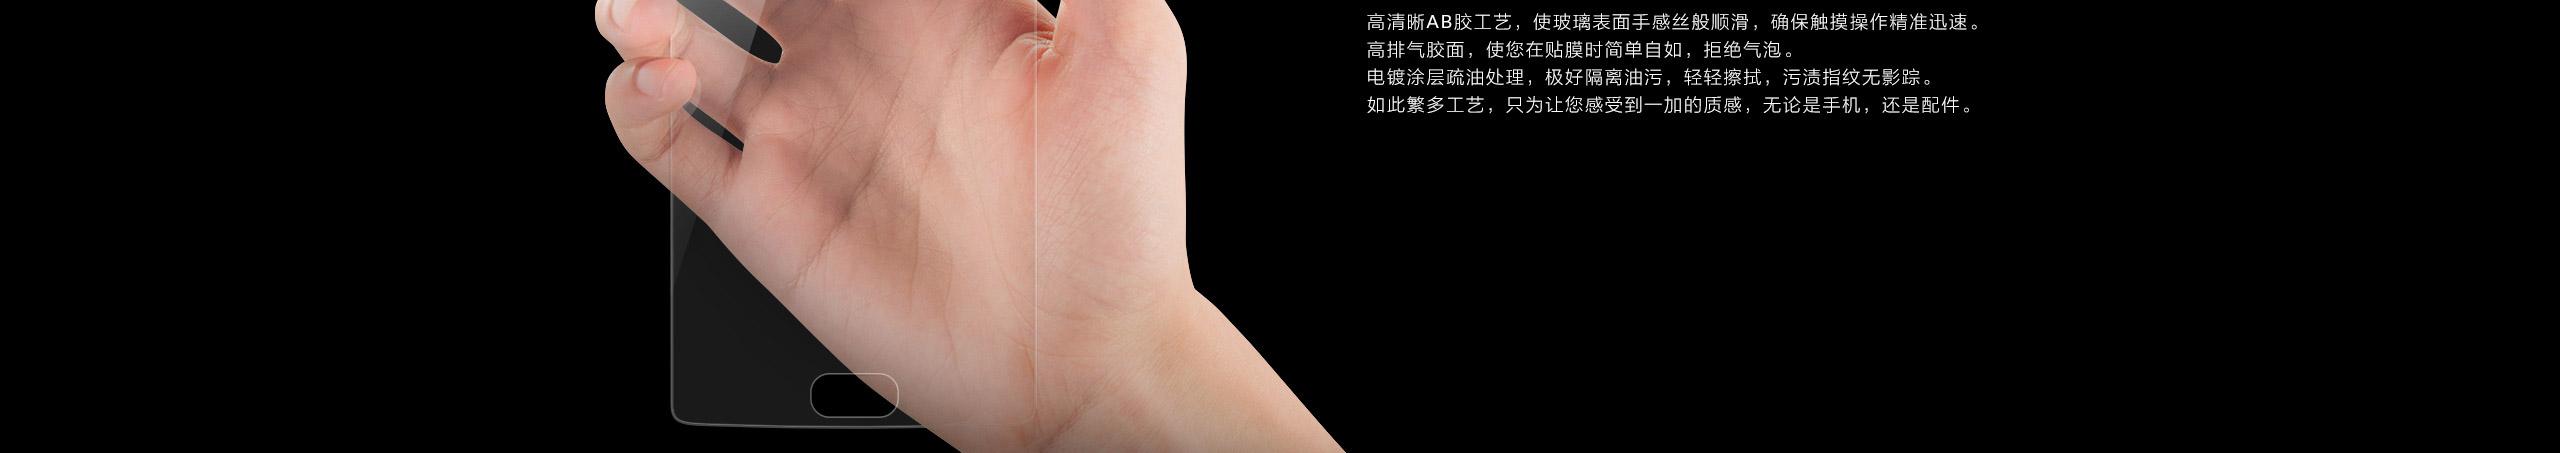 一加手机2钢化玻璃保护膜12